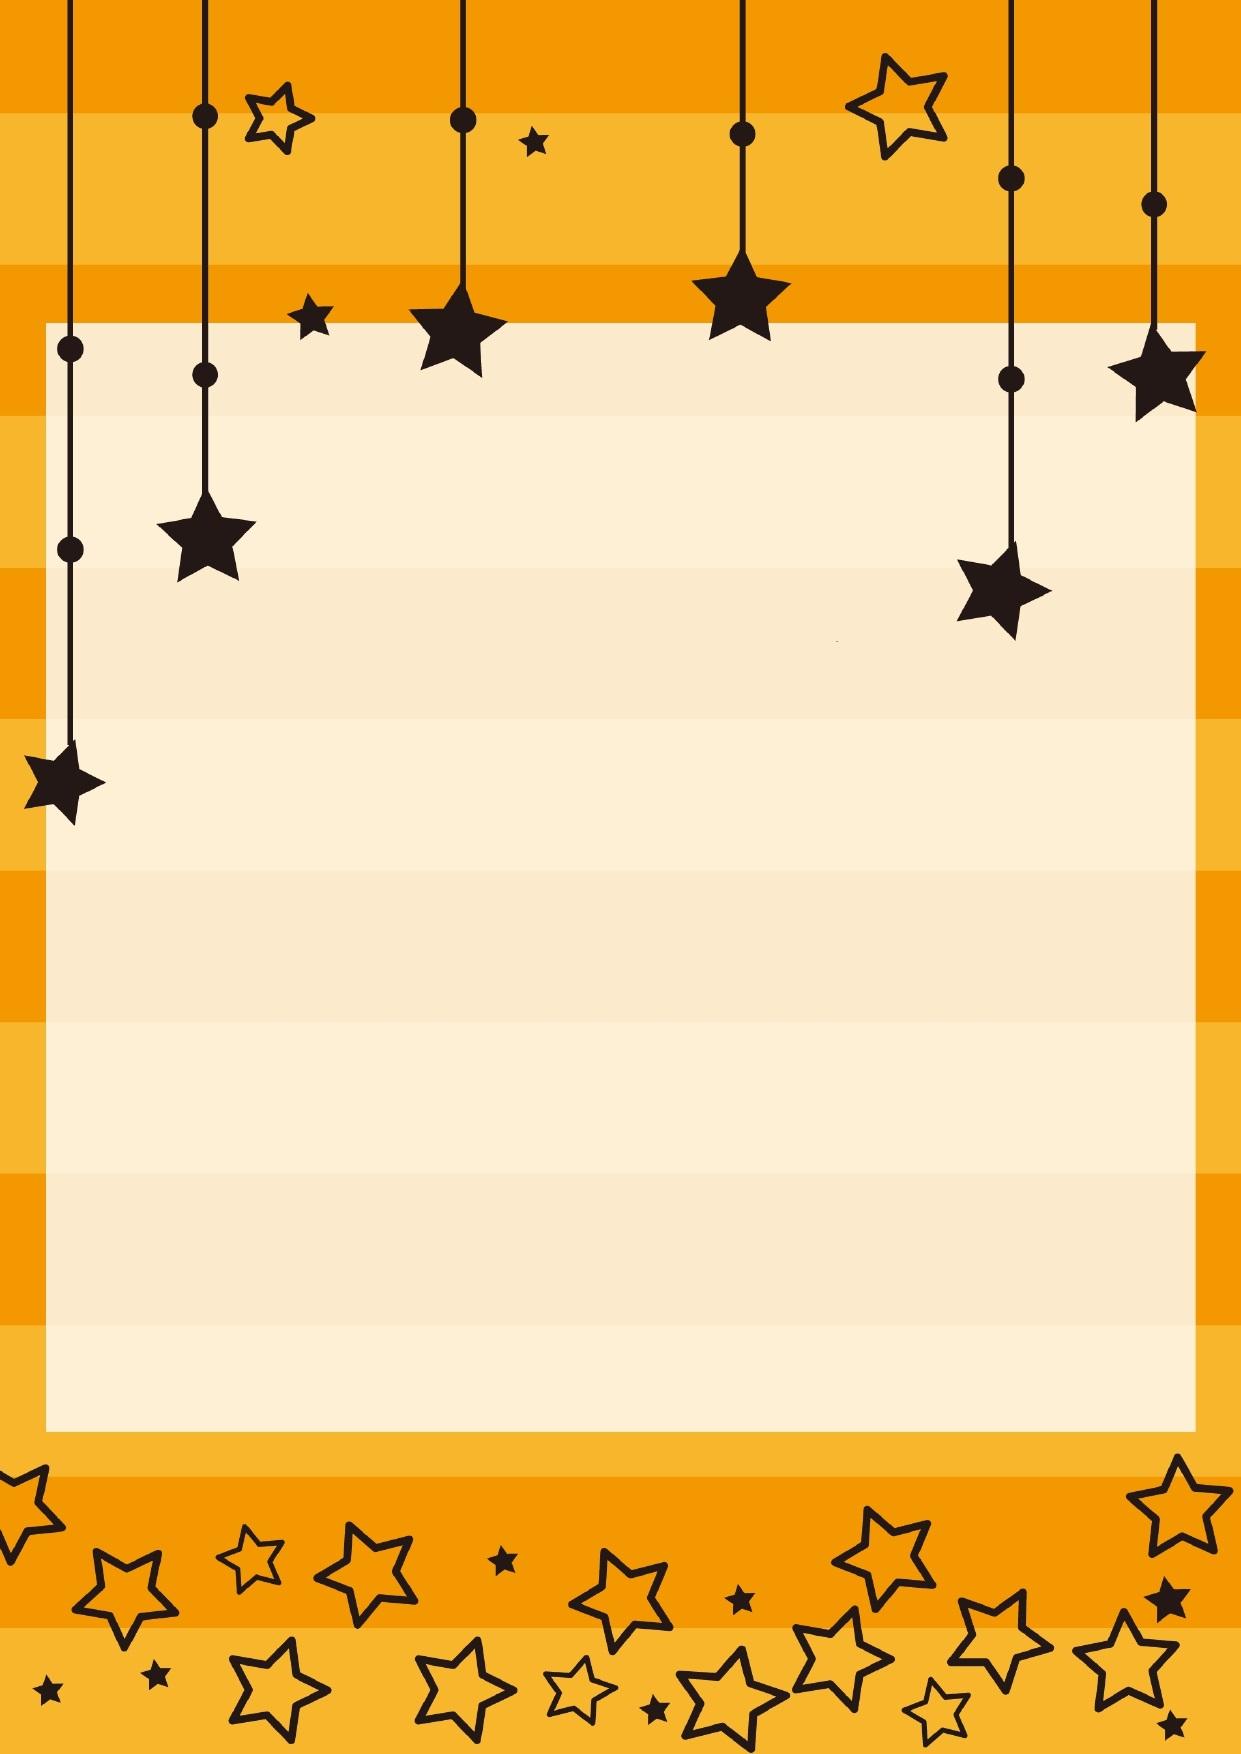 ブラウン(茶色)のおしゃれな星屑のフレーム